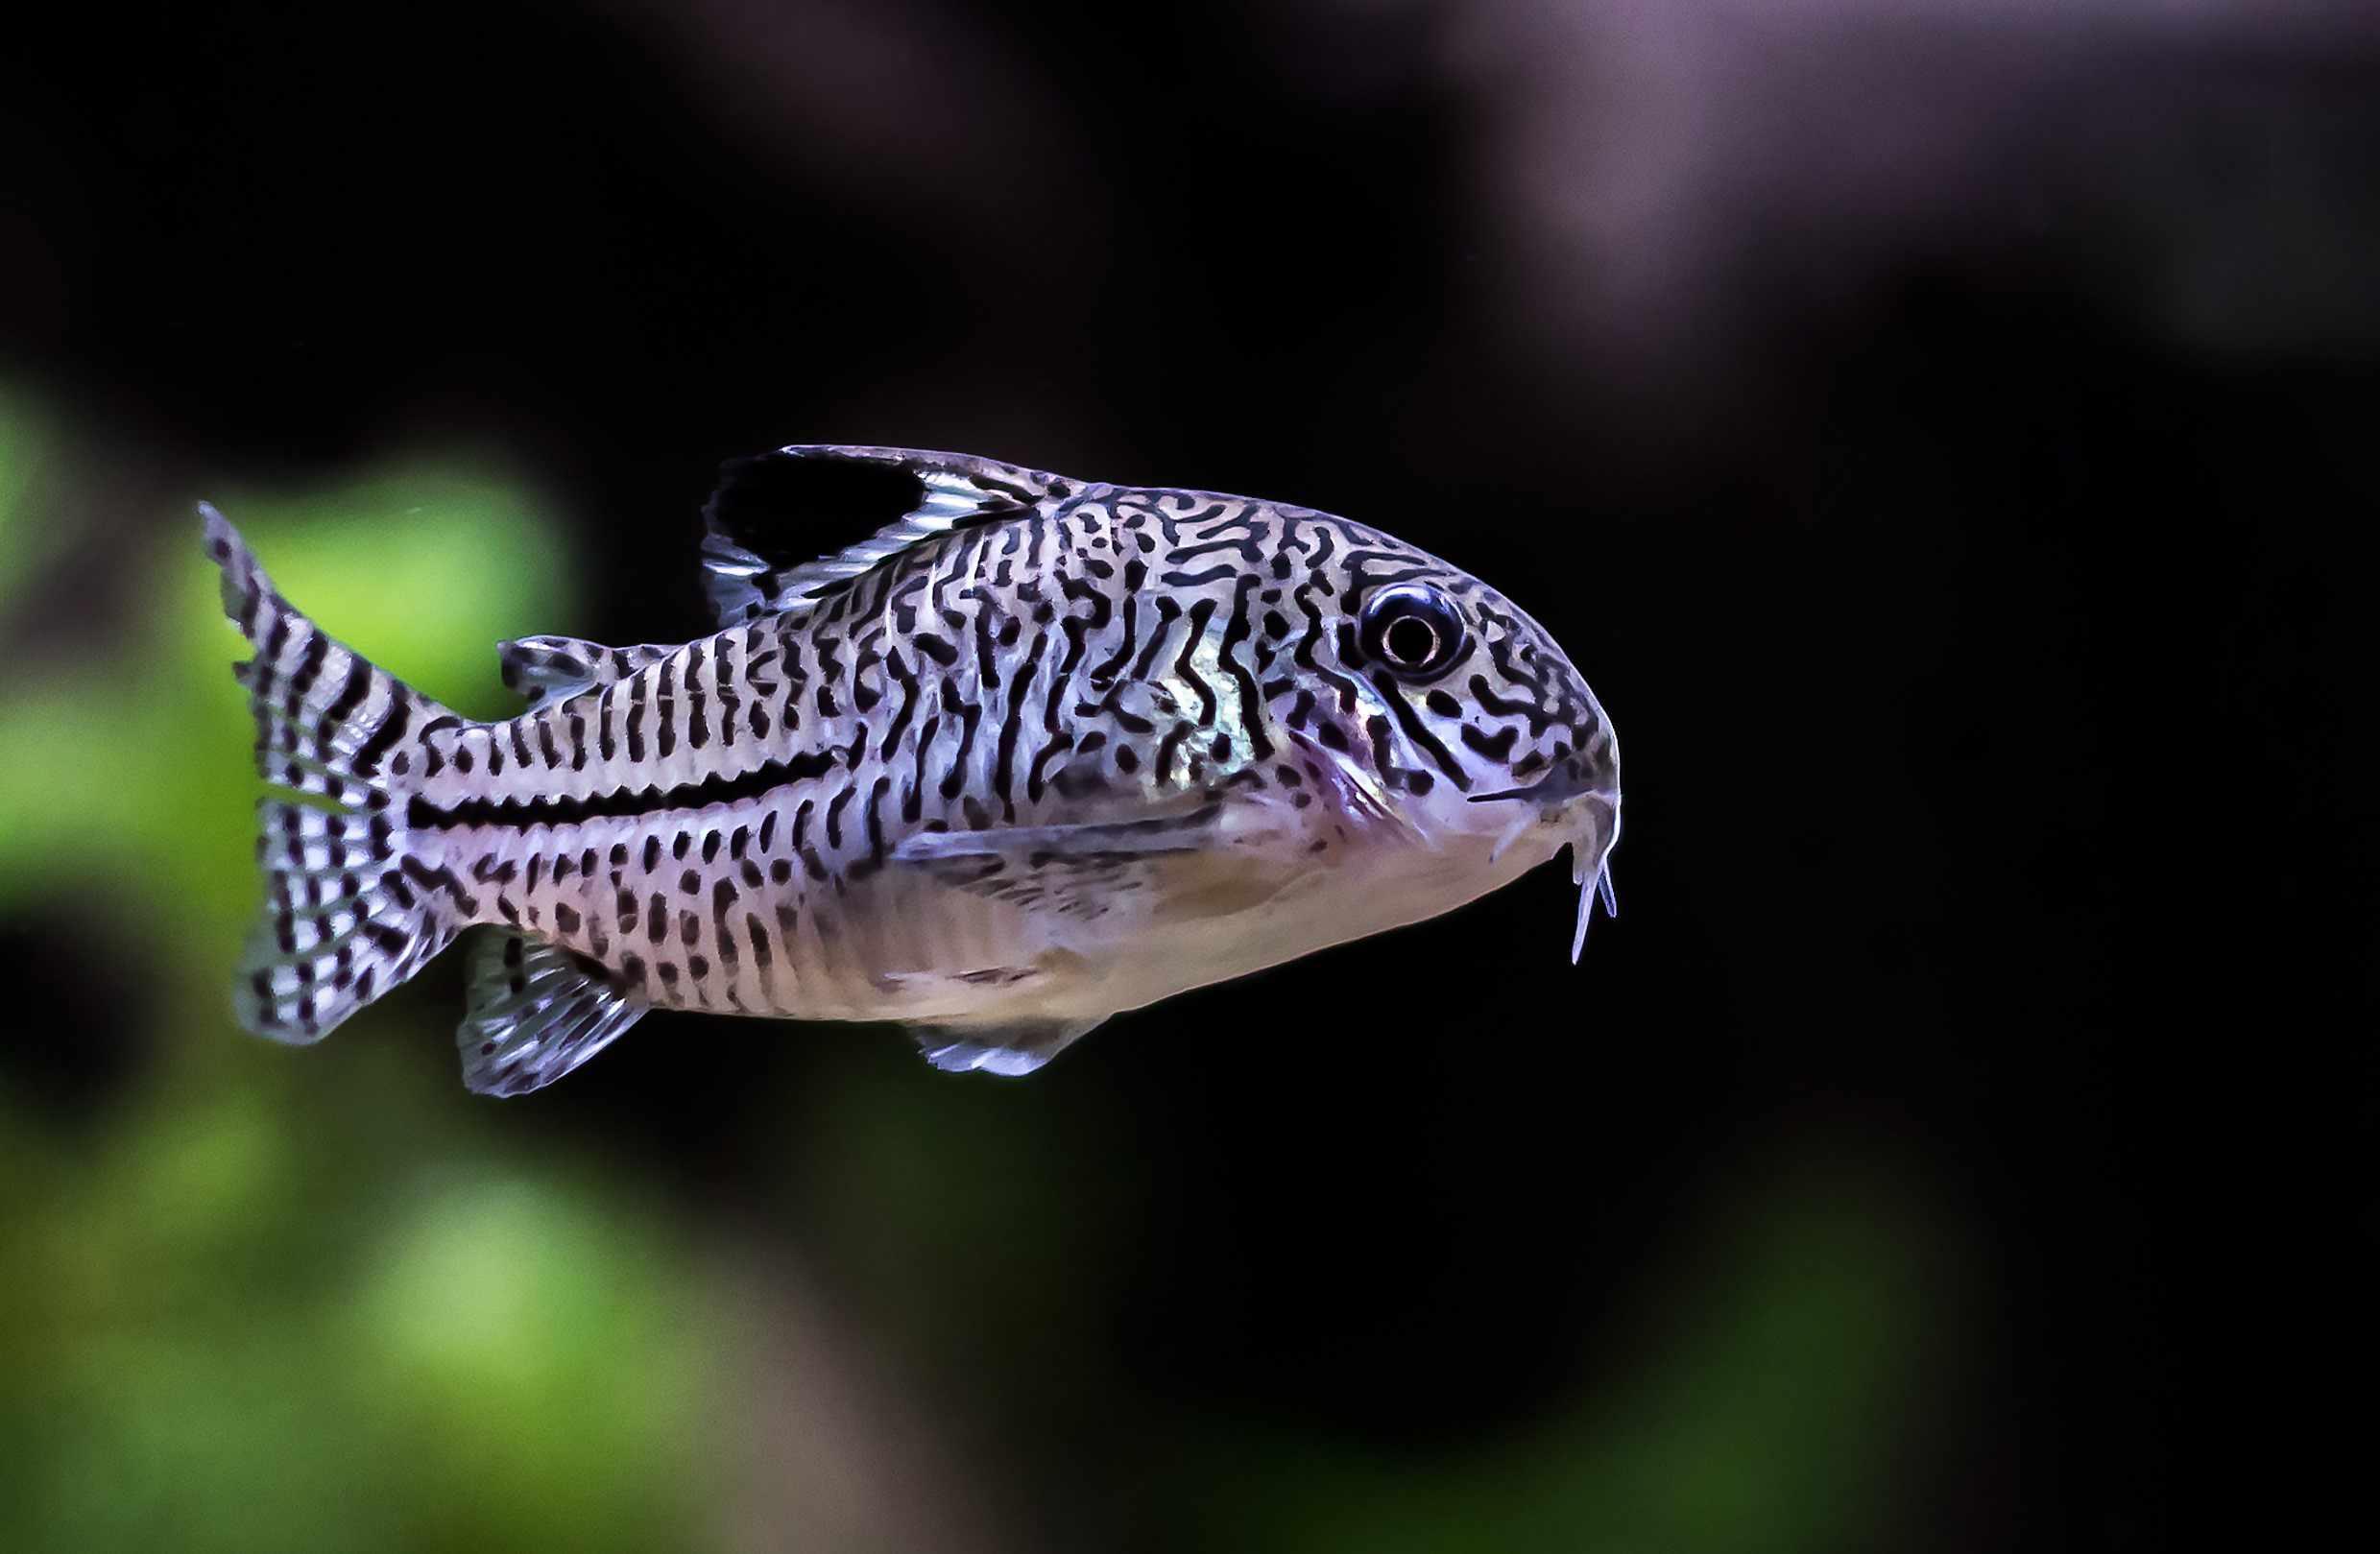 Three Stripe Corydora swimming in aquarium